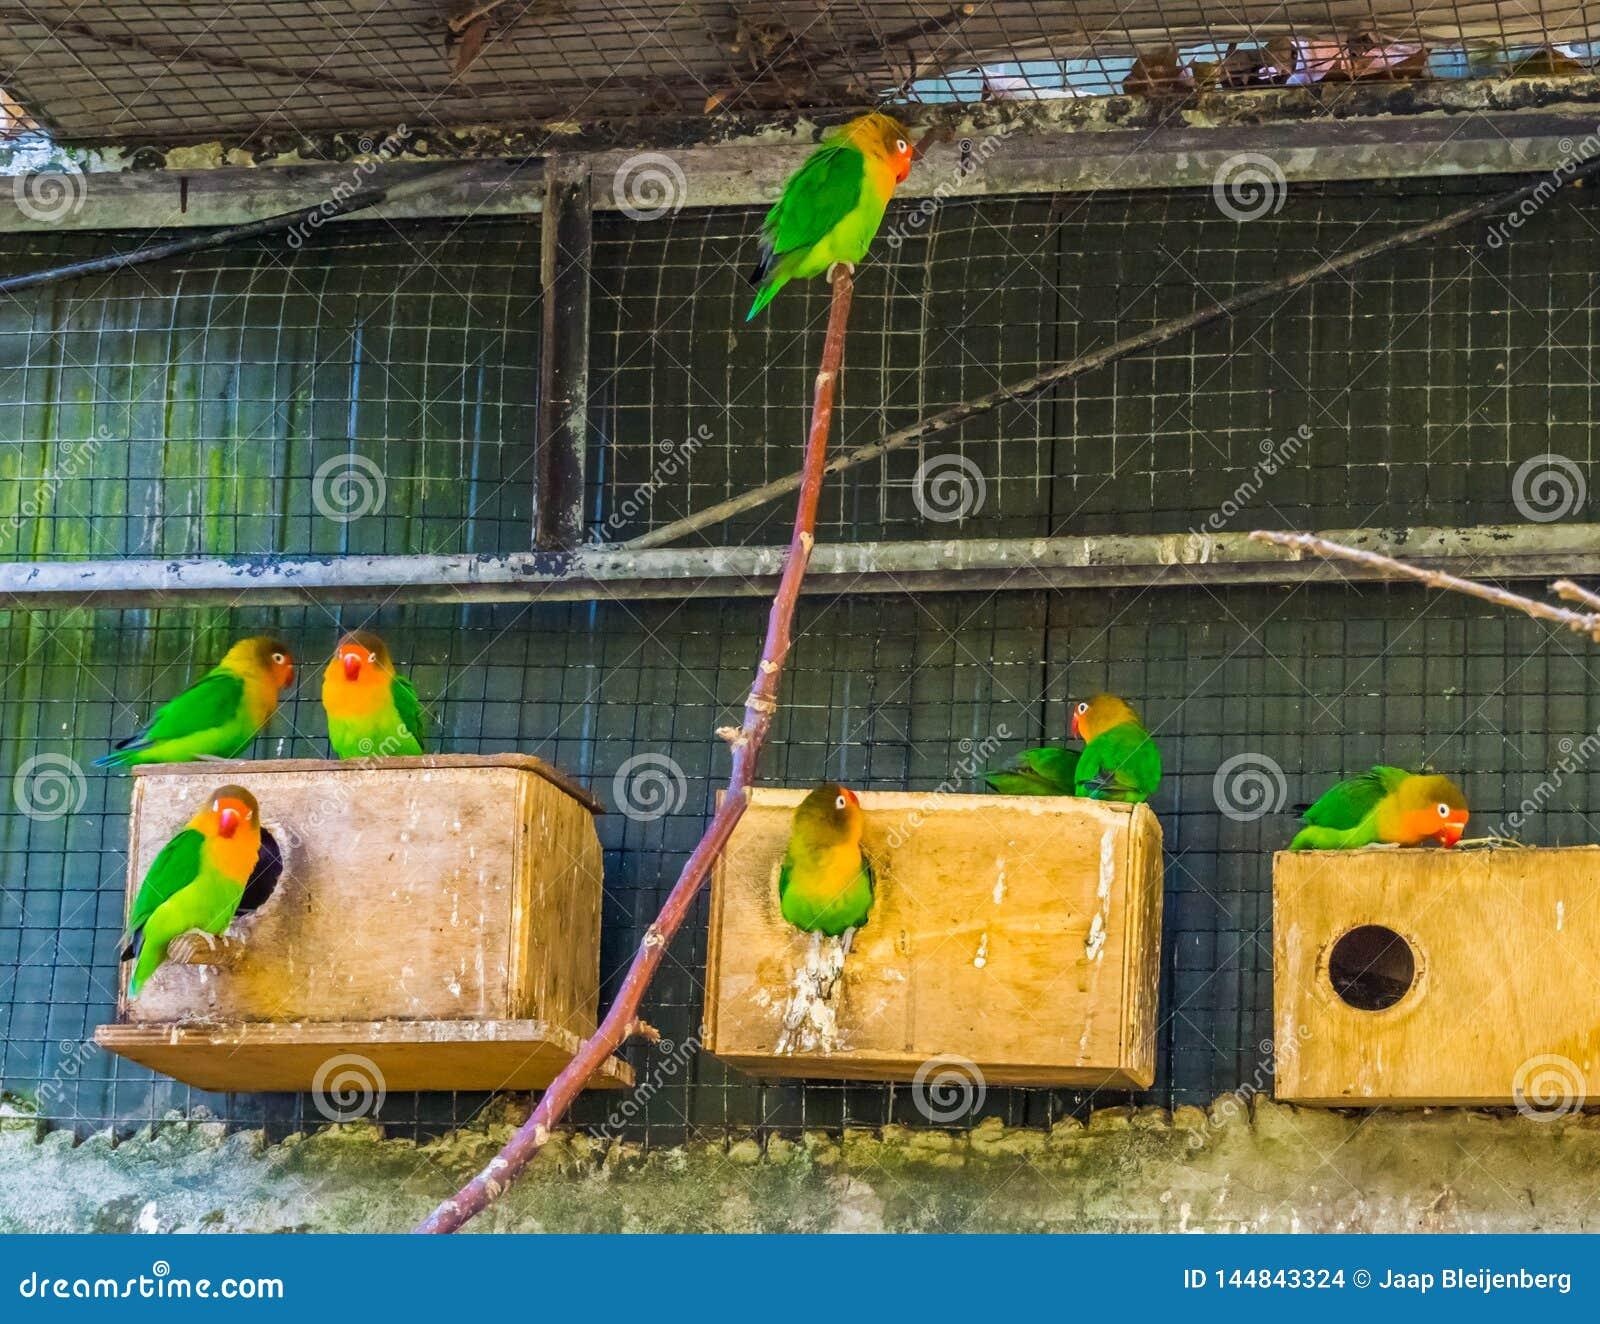 Aviário completo com periquitos de fischer, pássaros tropicais coloridos de África, animais de estimação populares no avicul